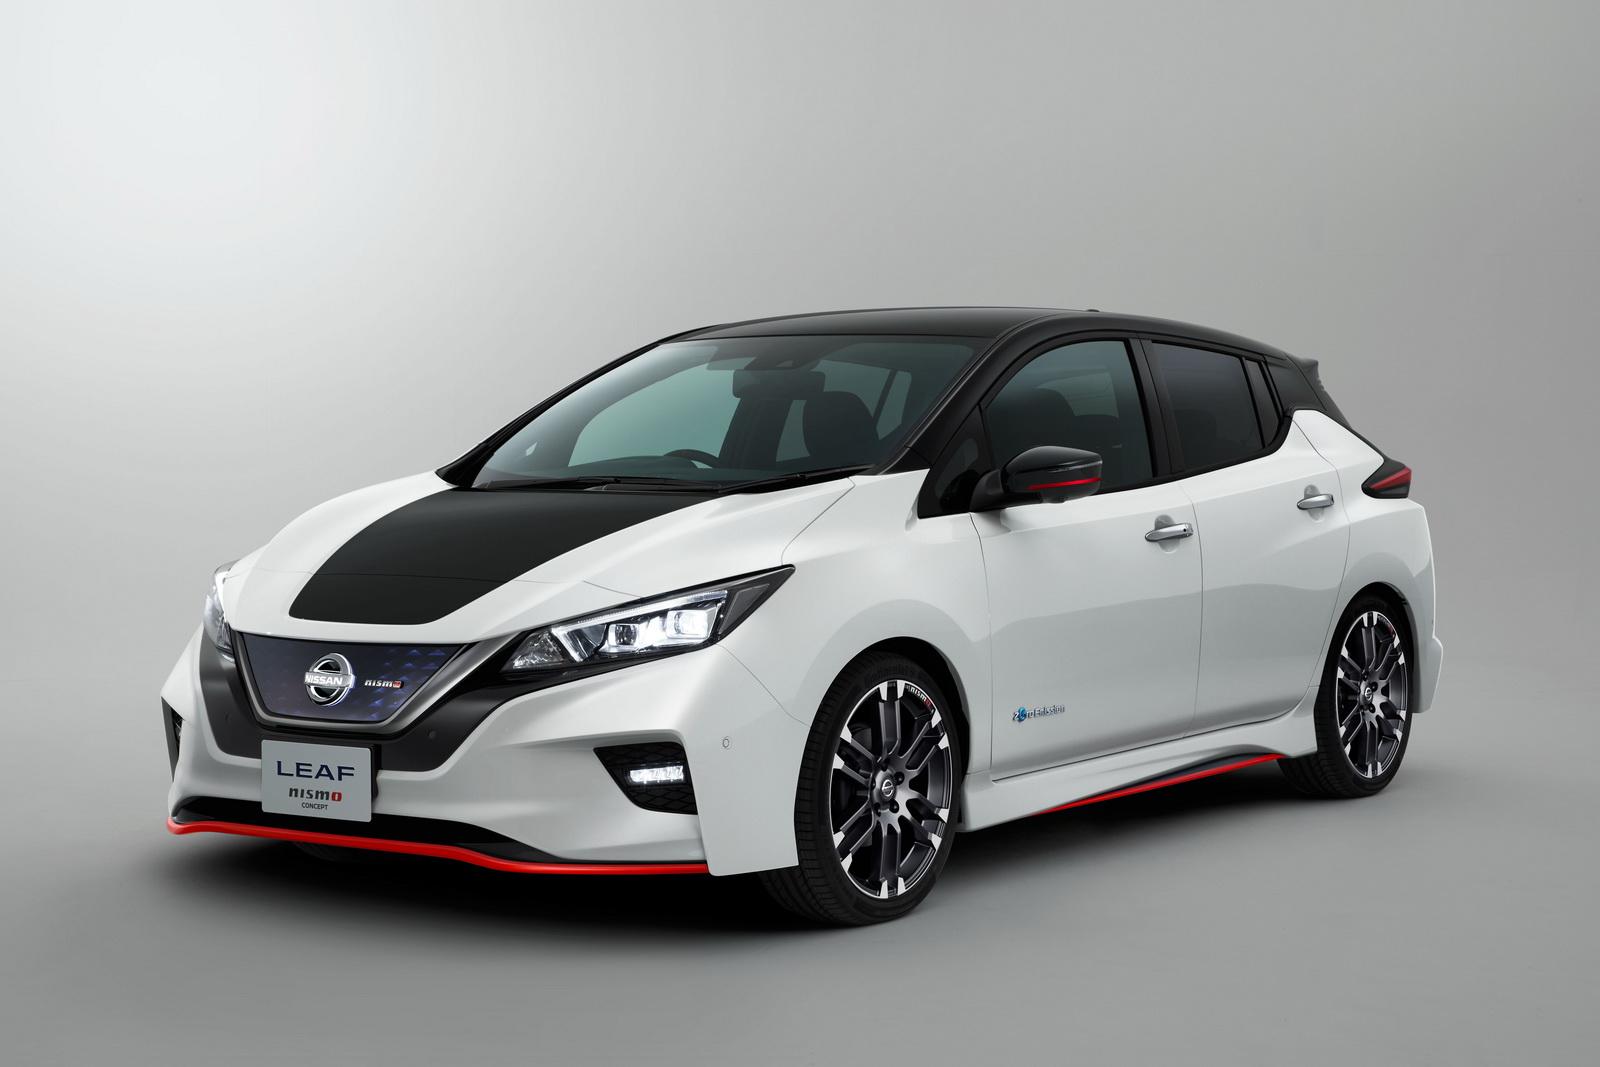 Nissan_Leaf_Nismo_0016